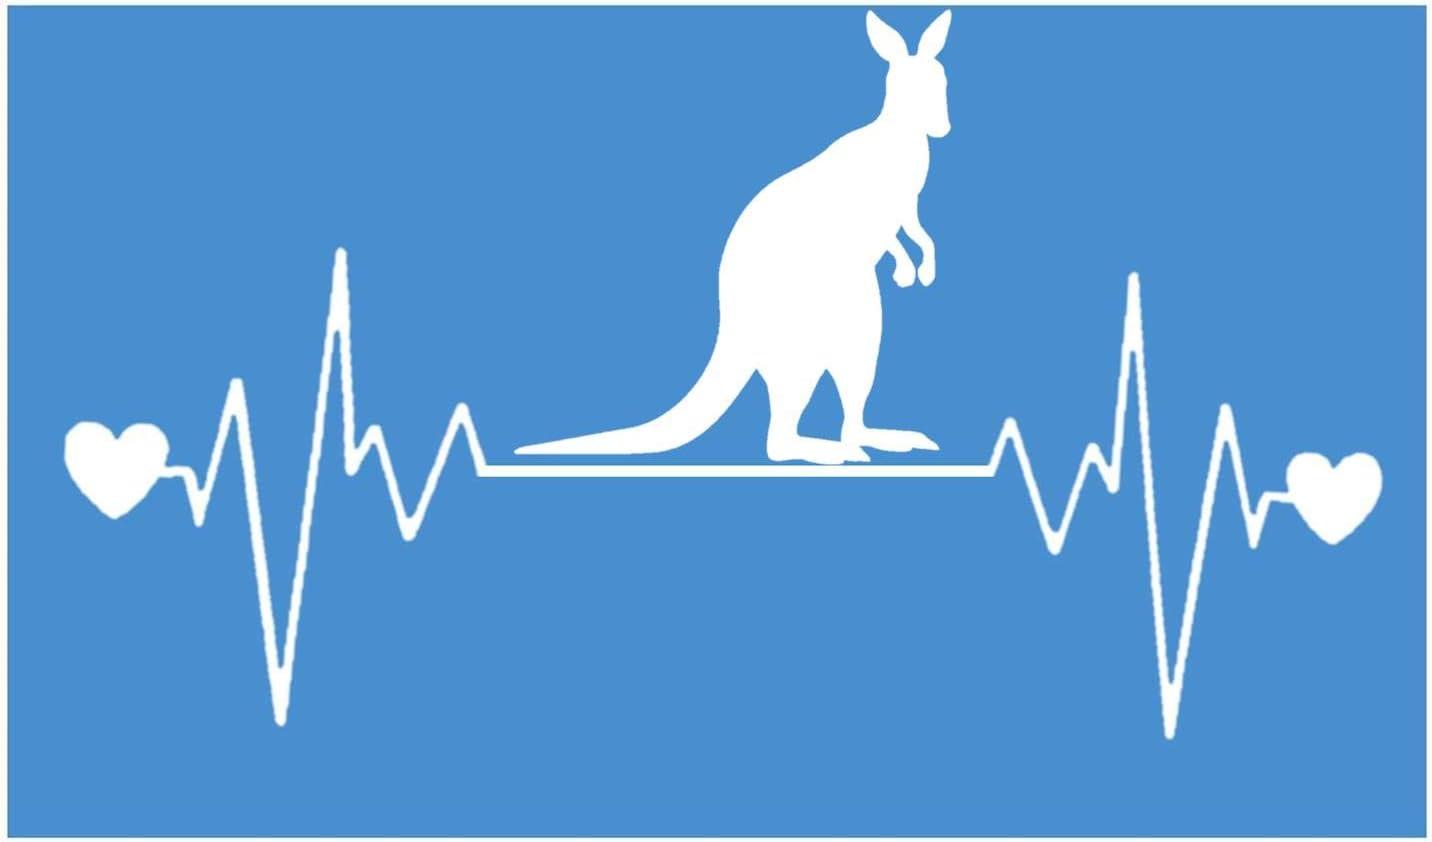 """Australien Rythme Cardiaque Lifeline I172 8 /"""" Large Autocollant Décalque Berger"""